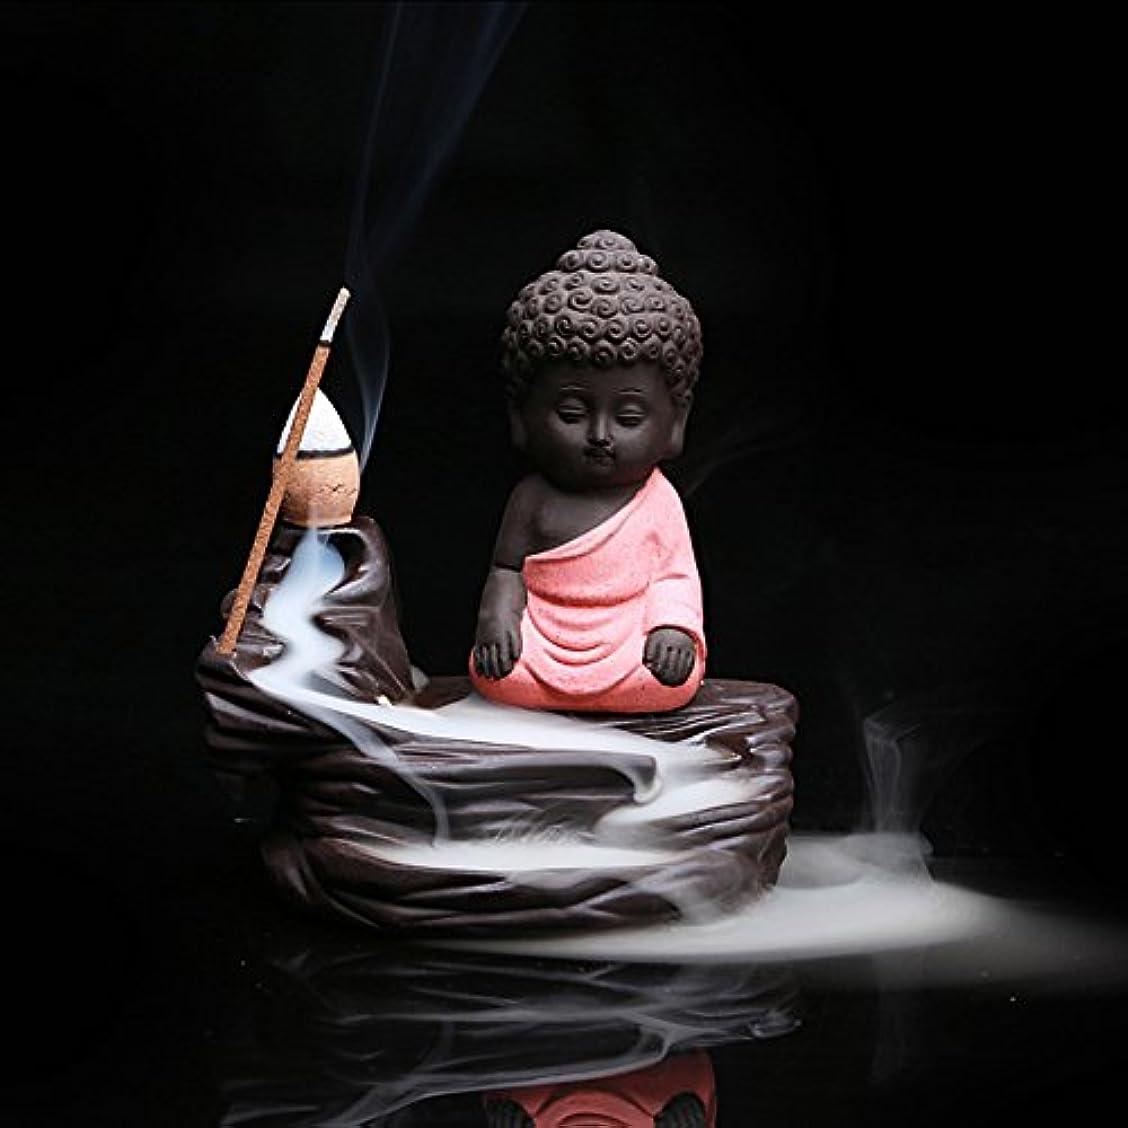 想起かもめ現実的クリエイティブ逆流香炉コーンスティックホルダーSmall BuddhaセラミックCenserホーム部屋装飾 12.0*12.0*6.0cm レッド Colorado